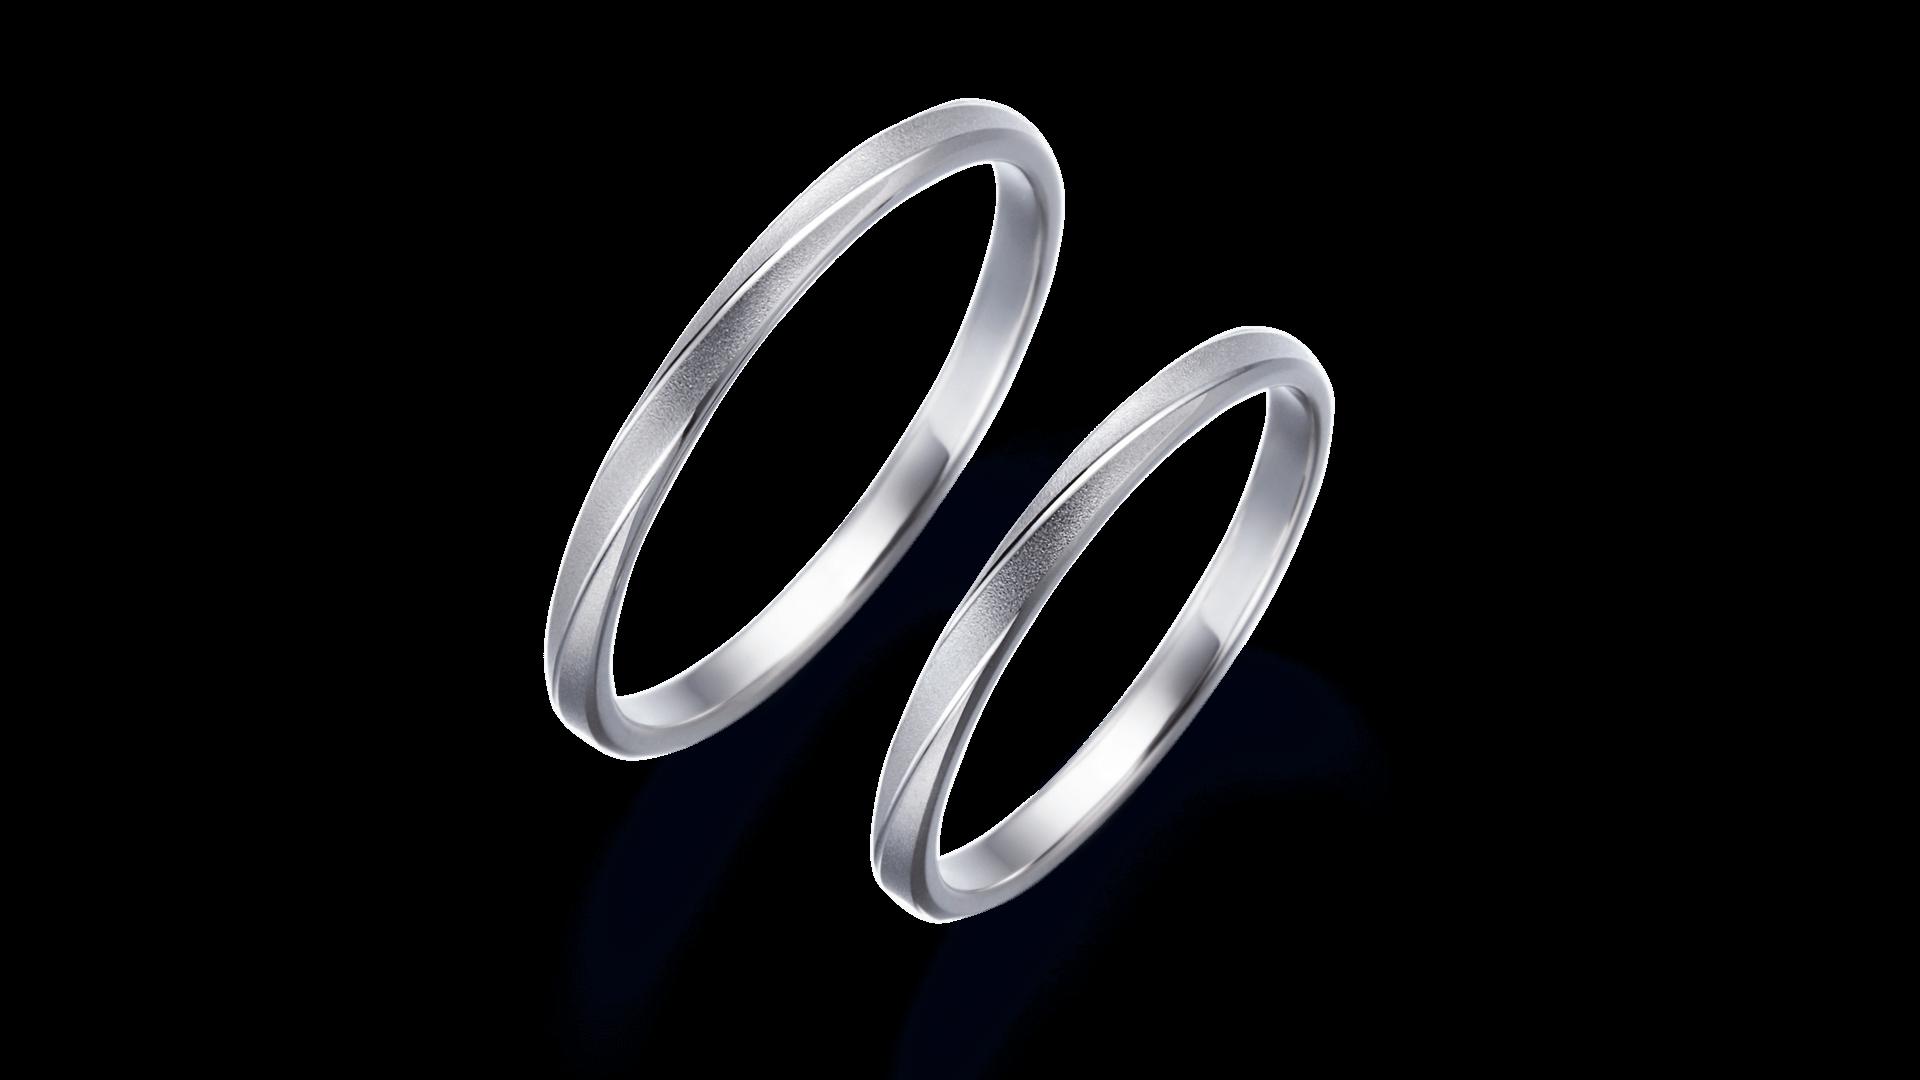 これからの季節にぴったりな指輪をご紹介いたします ♪